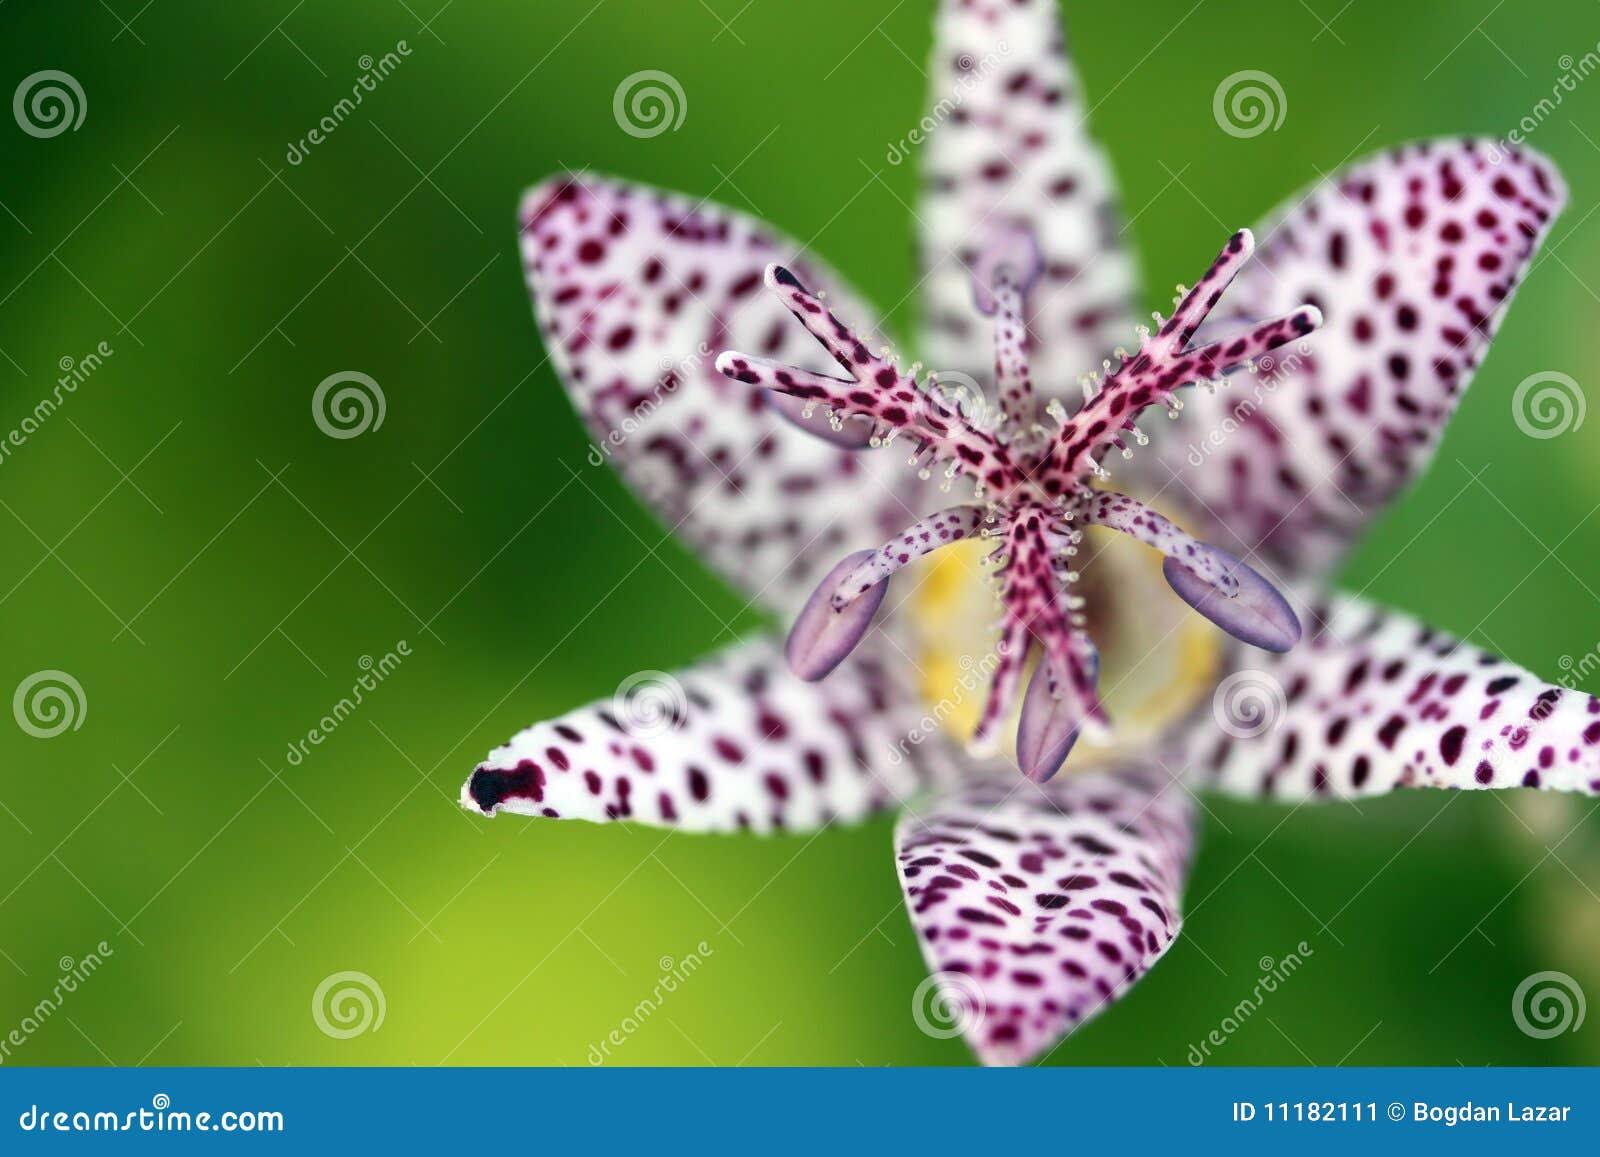 Nahaufnahme auf einer Krötenlilie (Tricyrtis hirta)